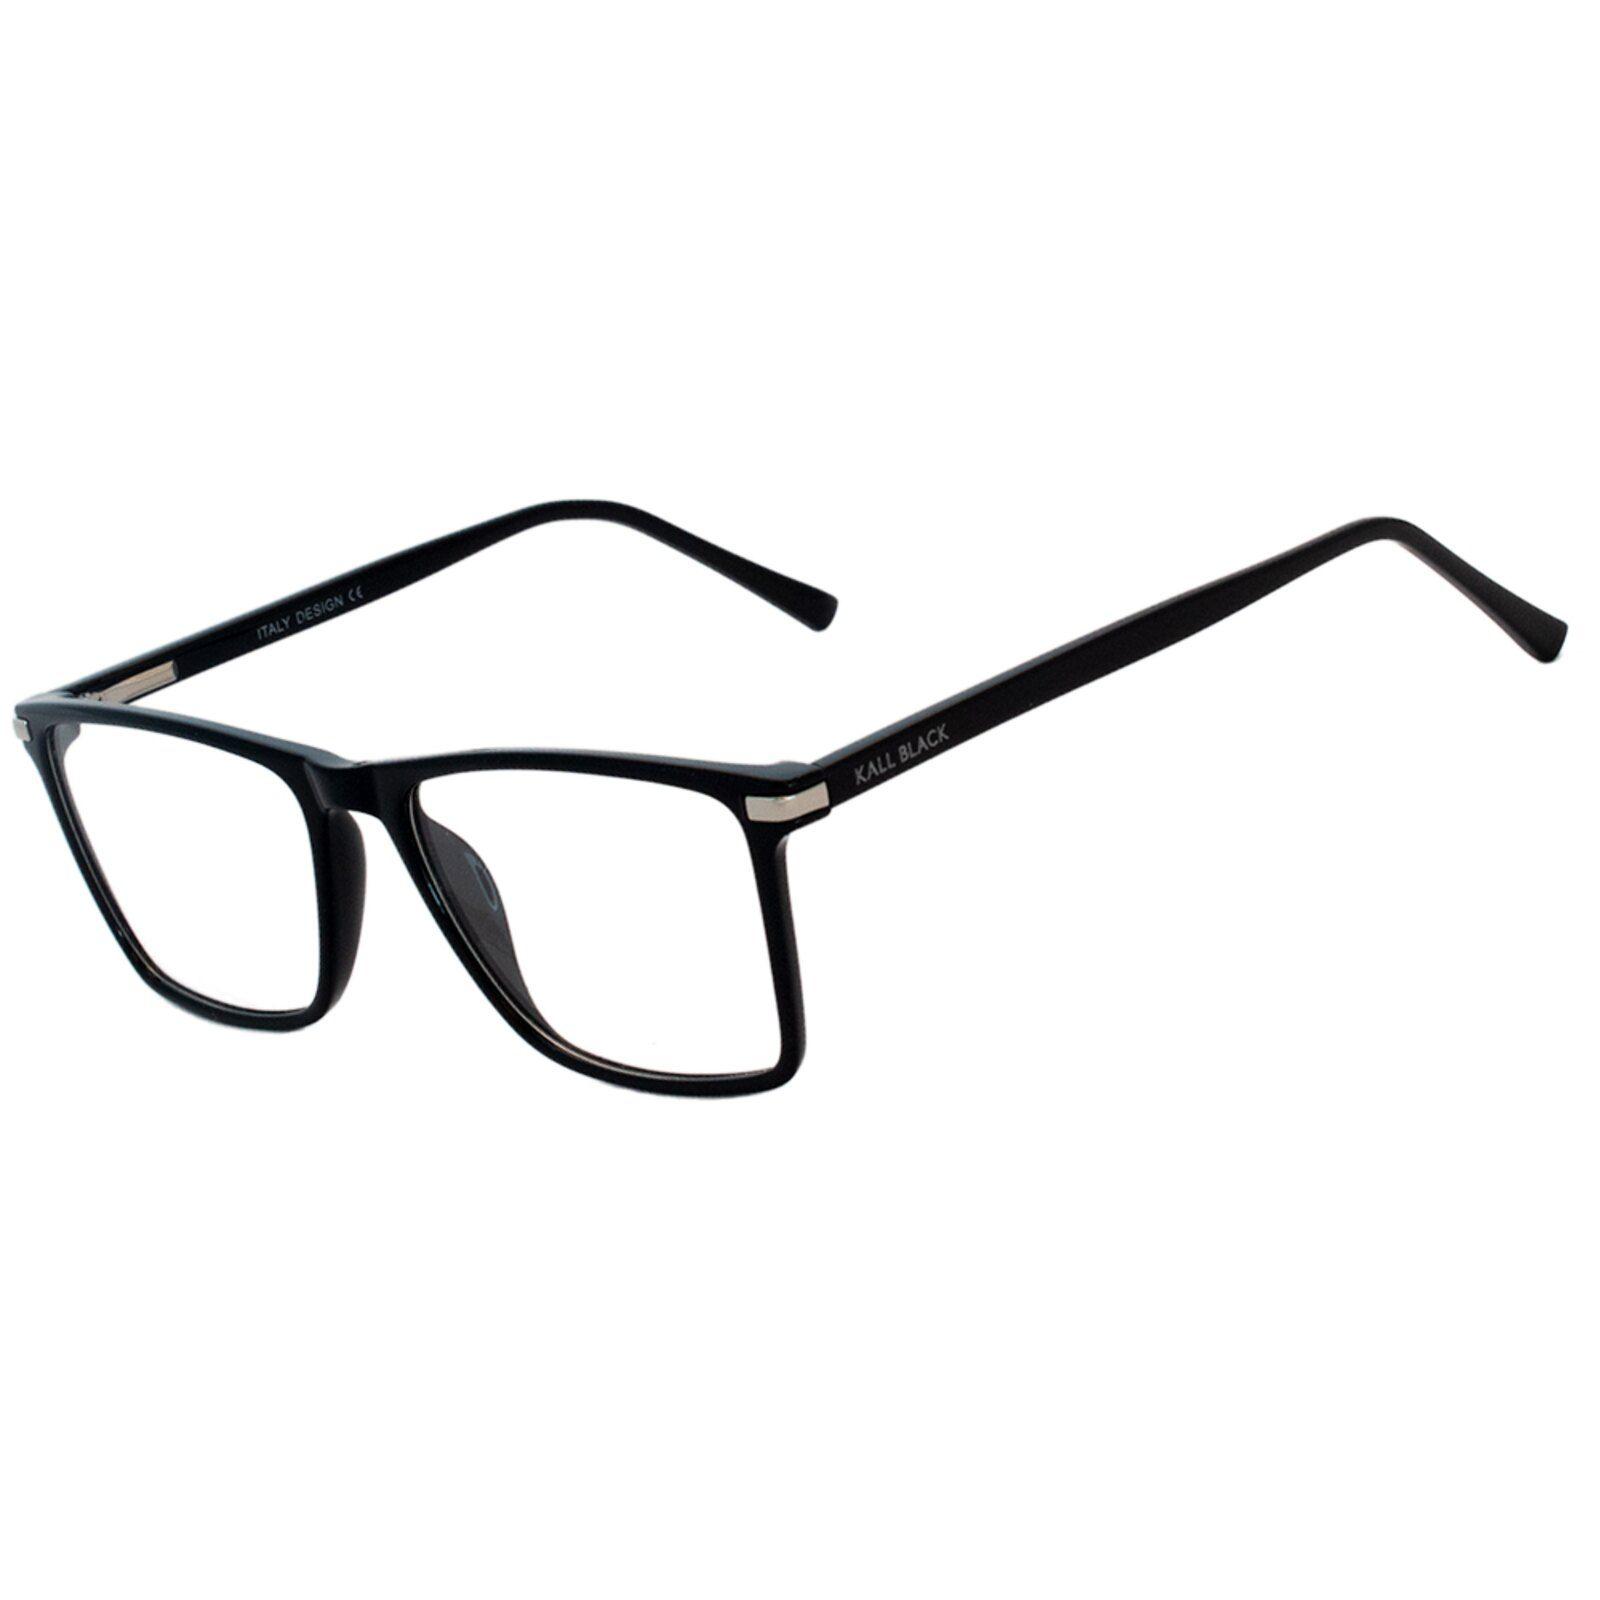 Pin De Alice M Em Fs Em 2020 Oculos De Grau Masculino Armacoes